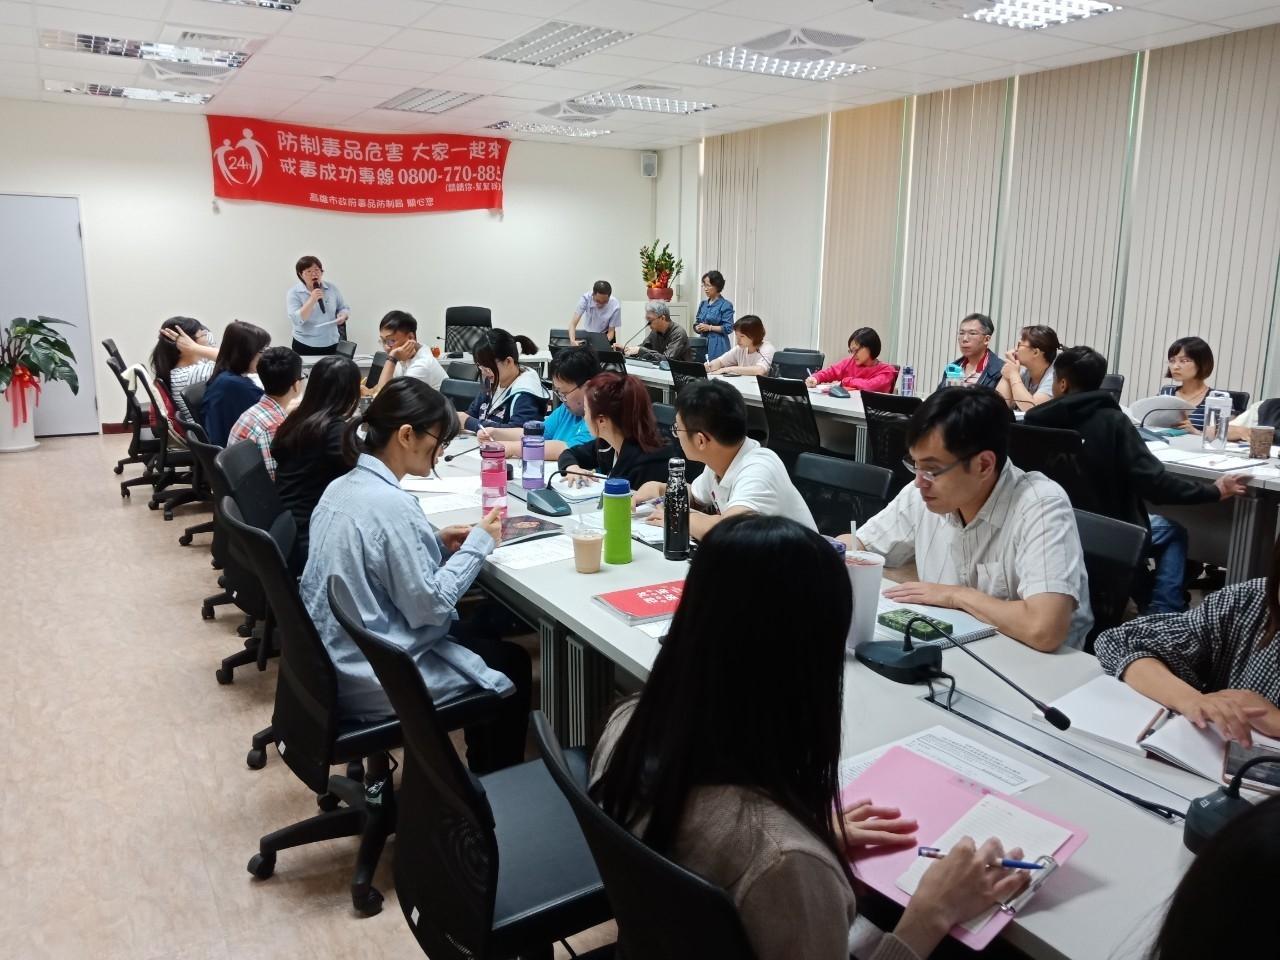 【108年度】個案管理人員及督導教育訓練-臺灣藥物濫用趨勢與防制政策